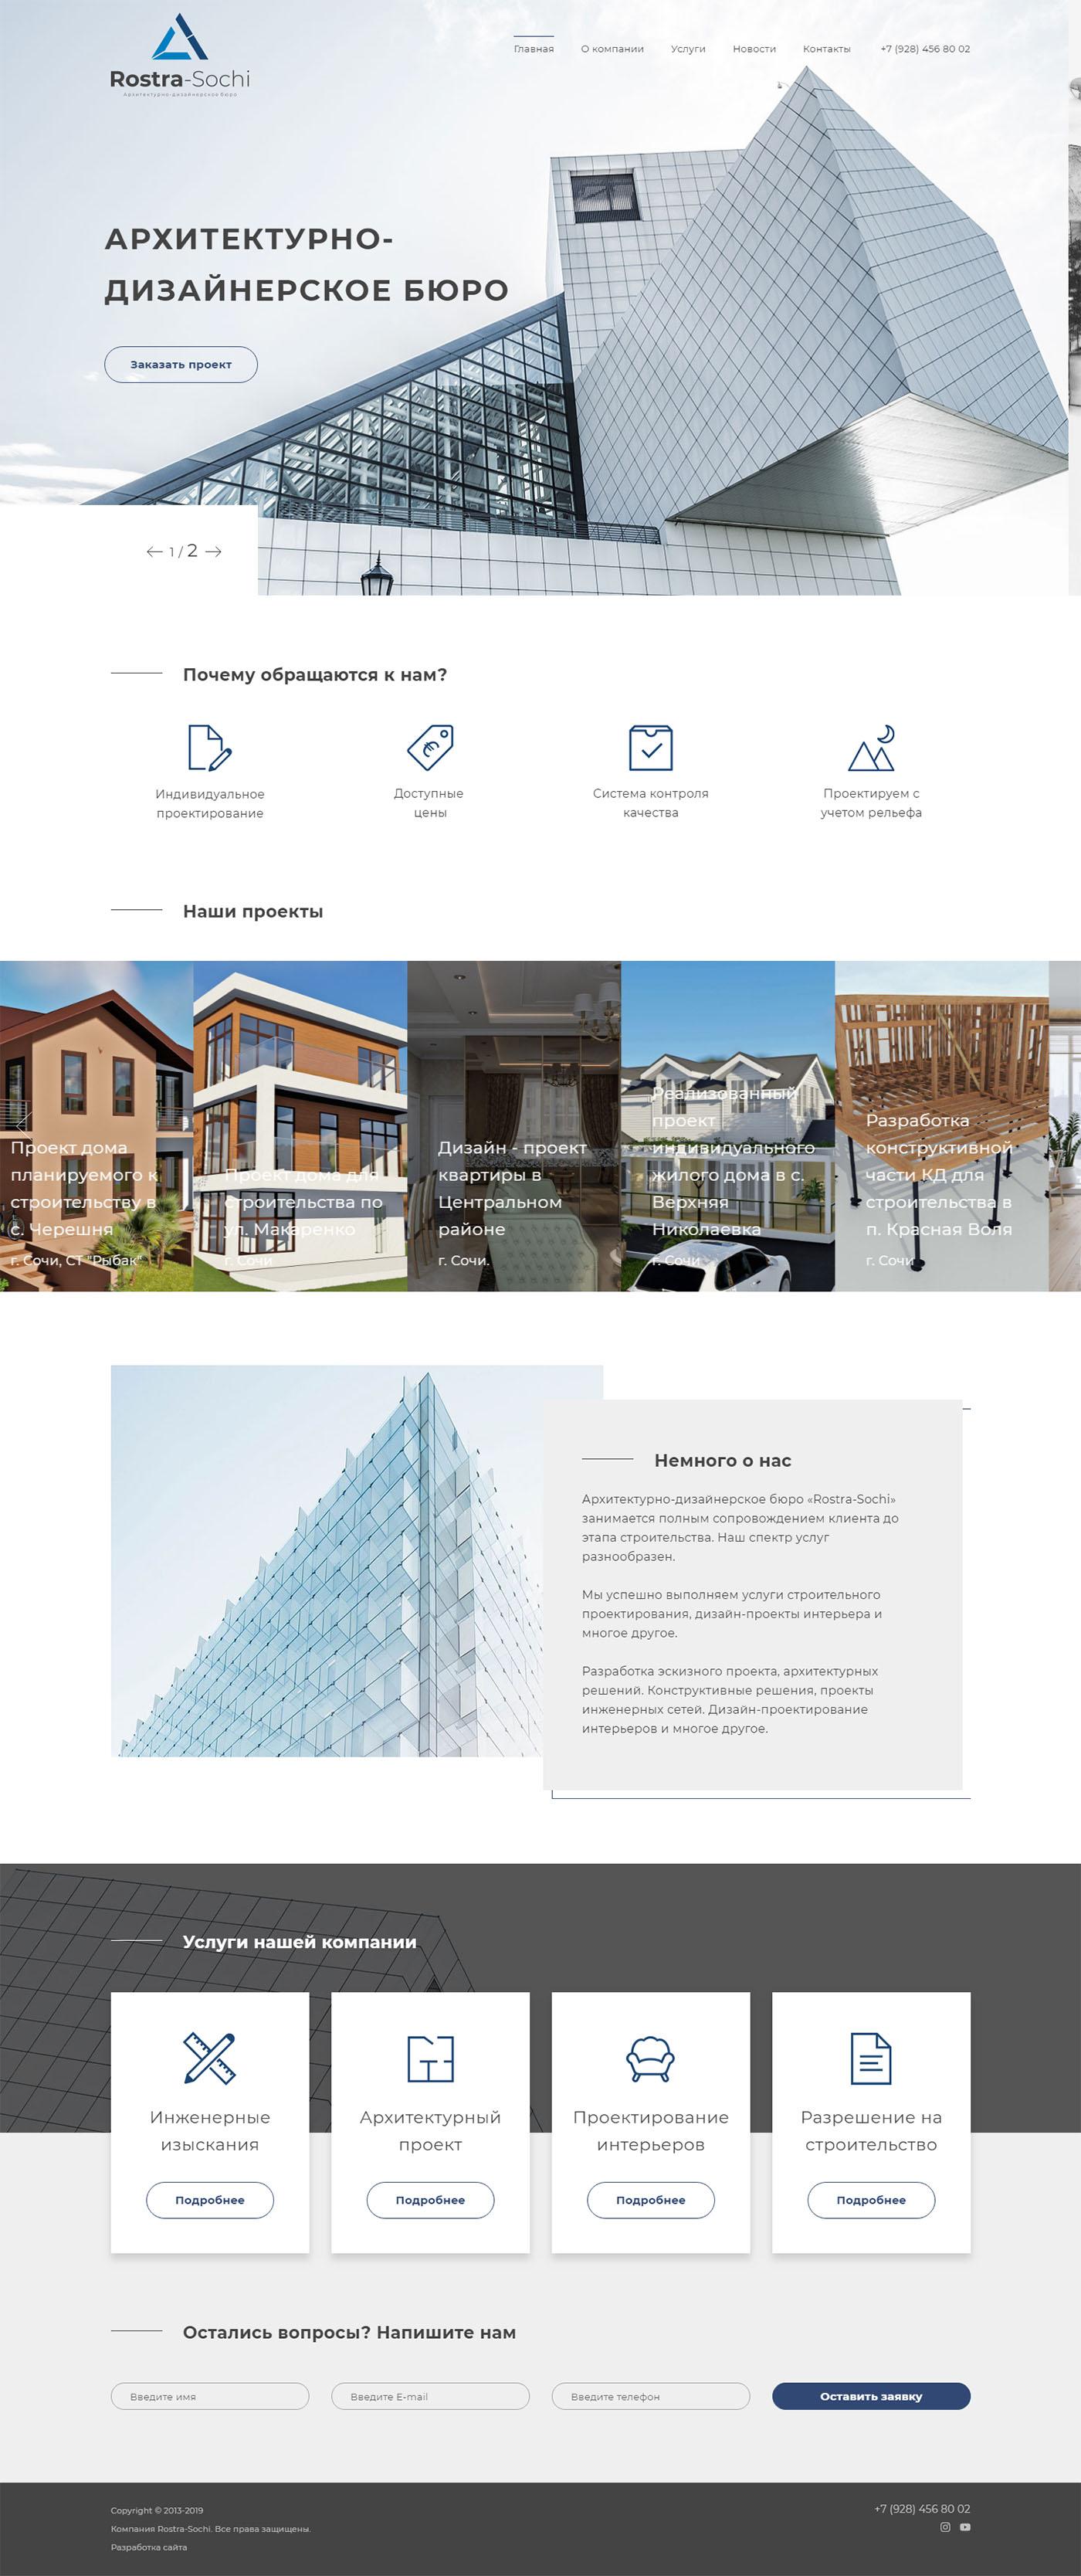 Сайт Архитектурно-дизайнерского бюро Rostra-Sochi